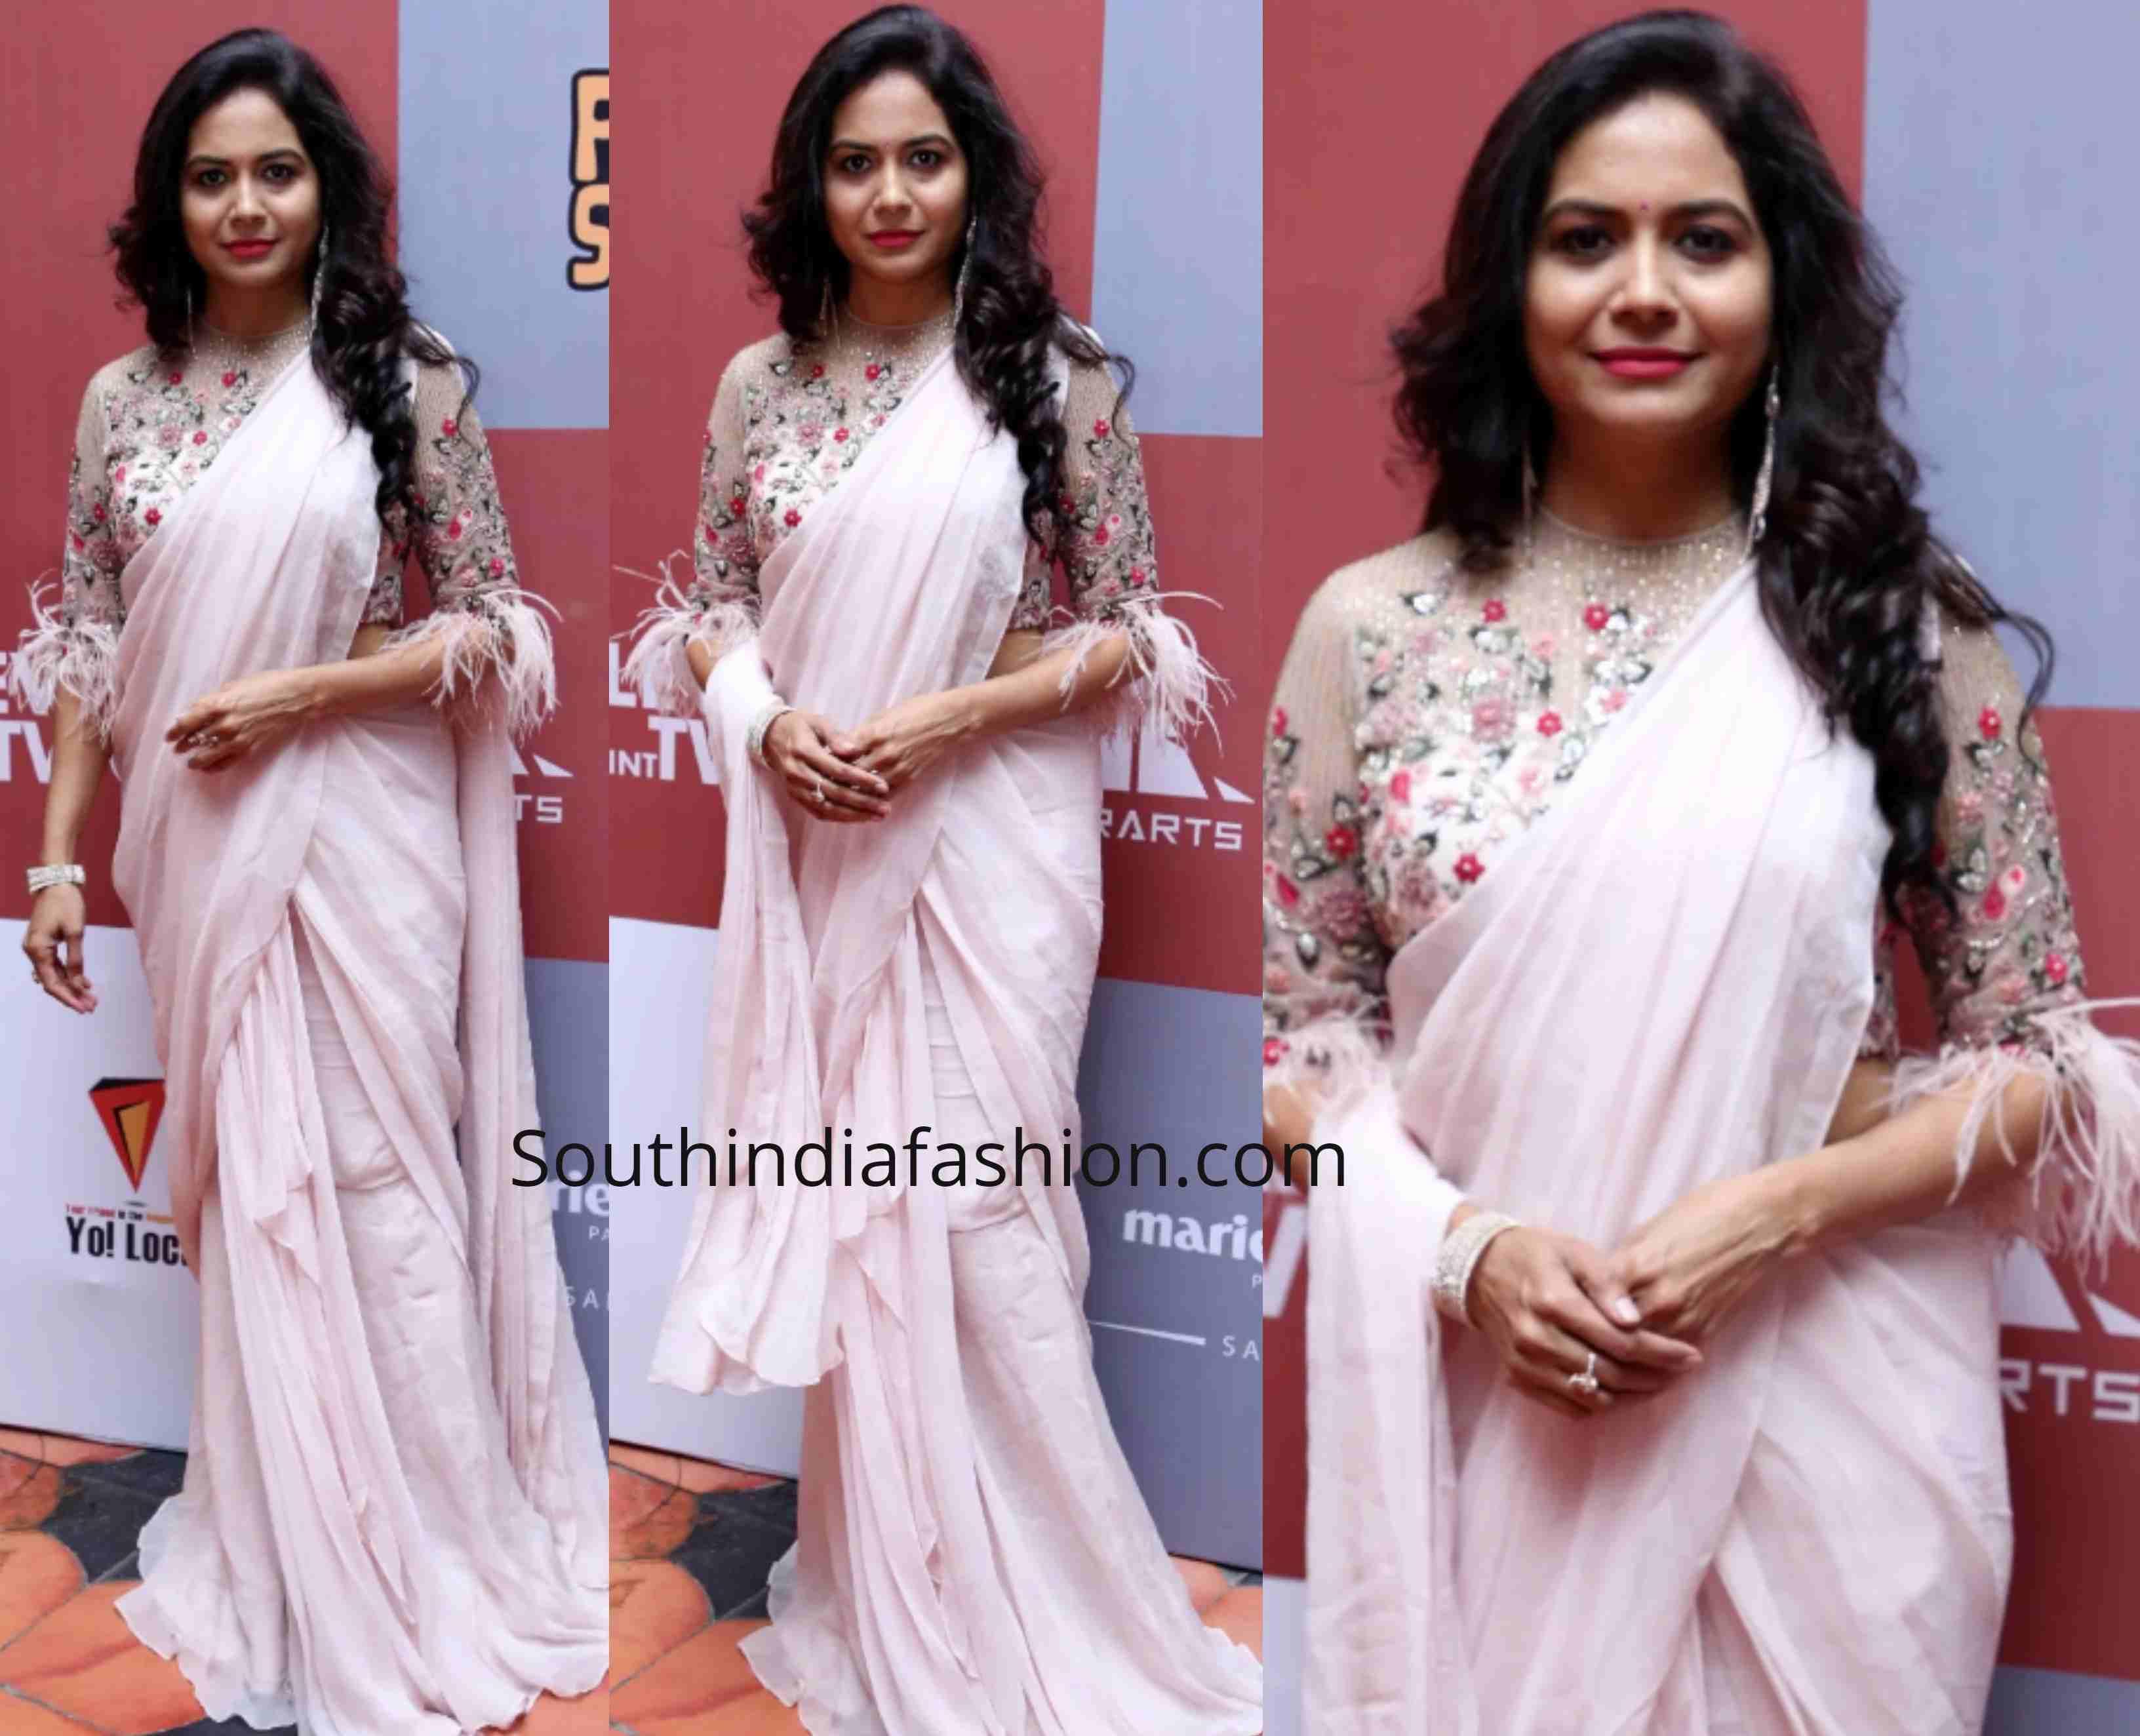 singer sunitha sarees 2019